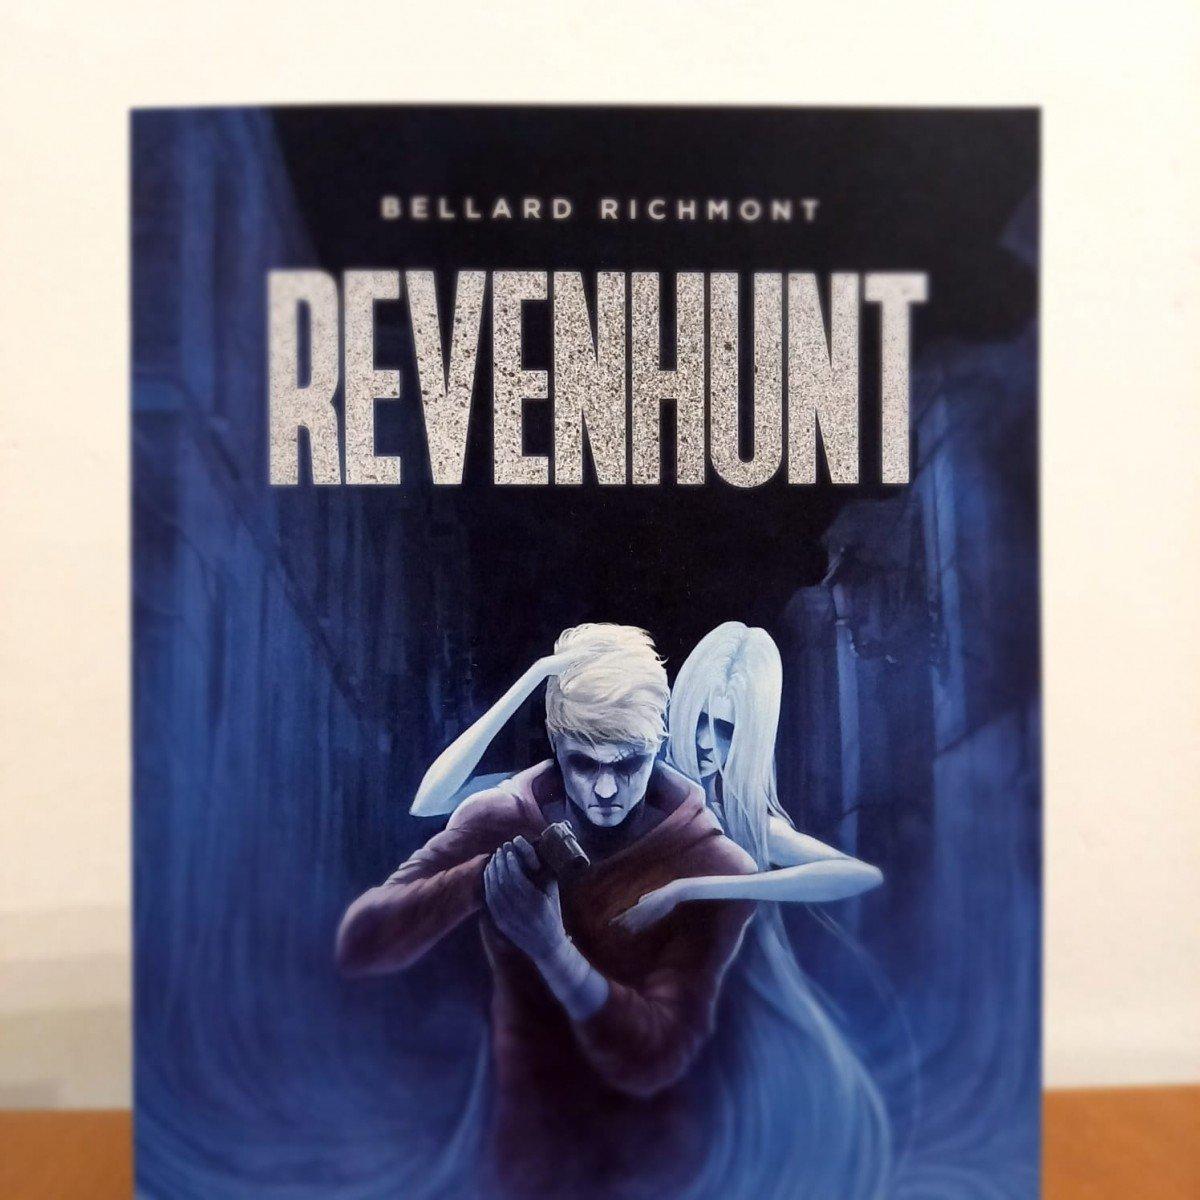 RevenHunt di Bellard Richmont - La recensione